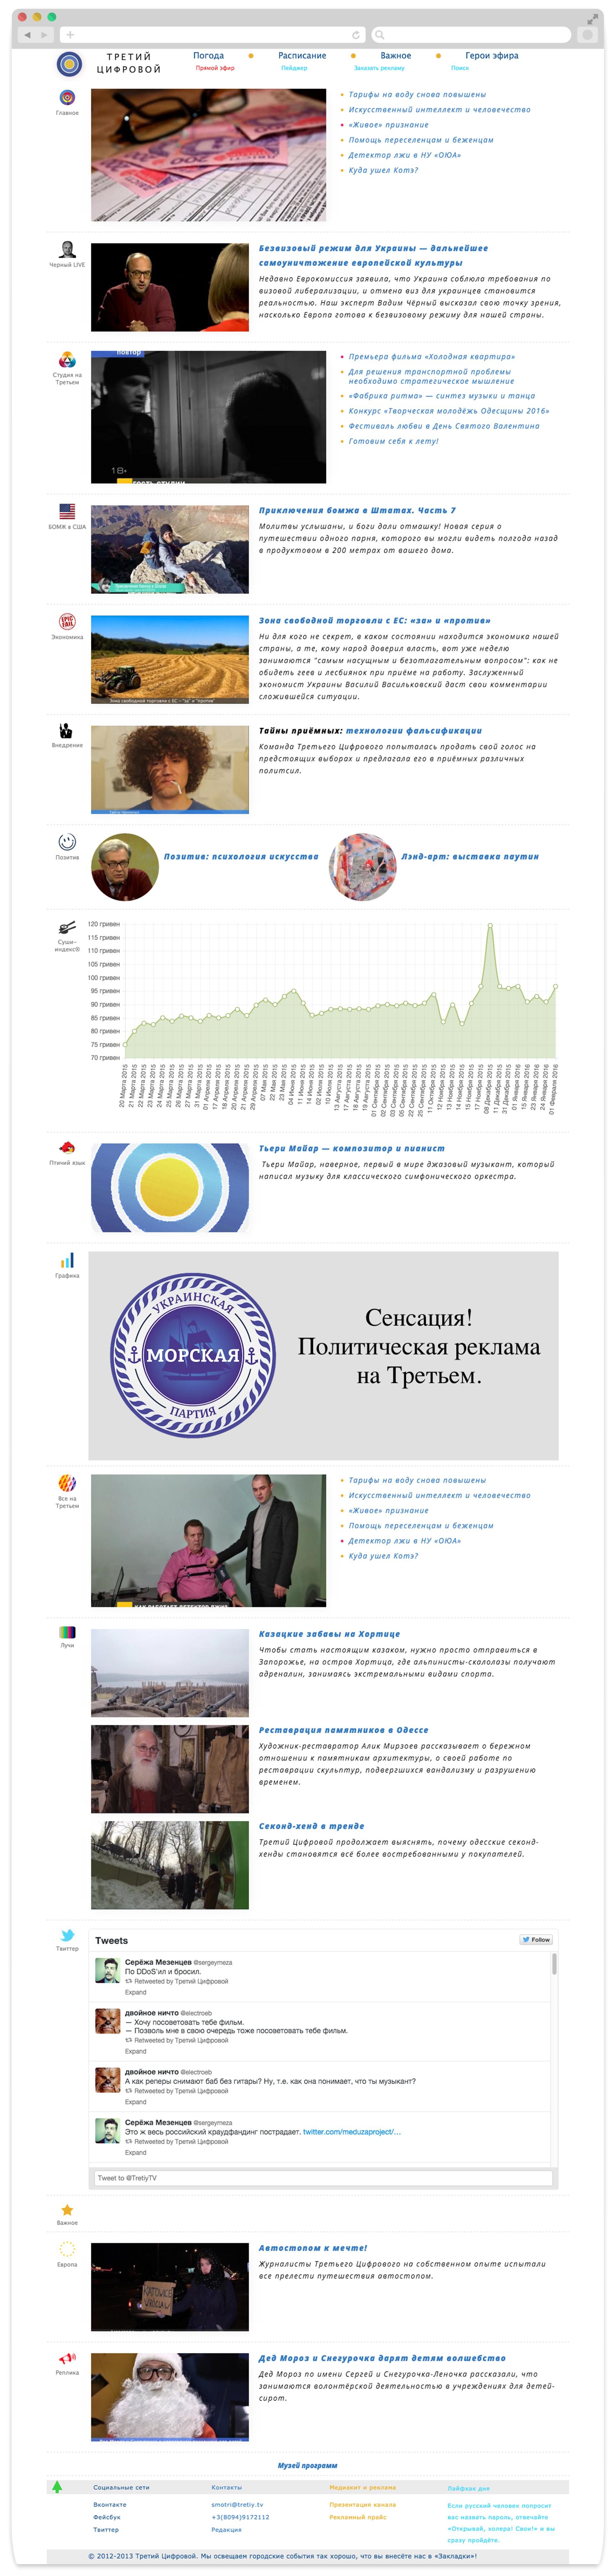 Веб-разработчик Виктор Павлов - Третий Цифровой